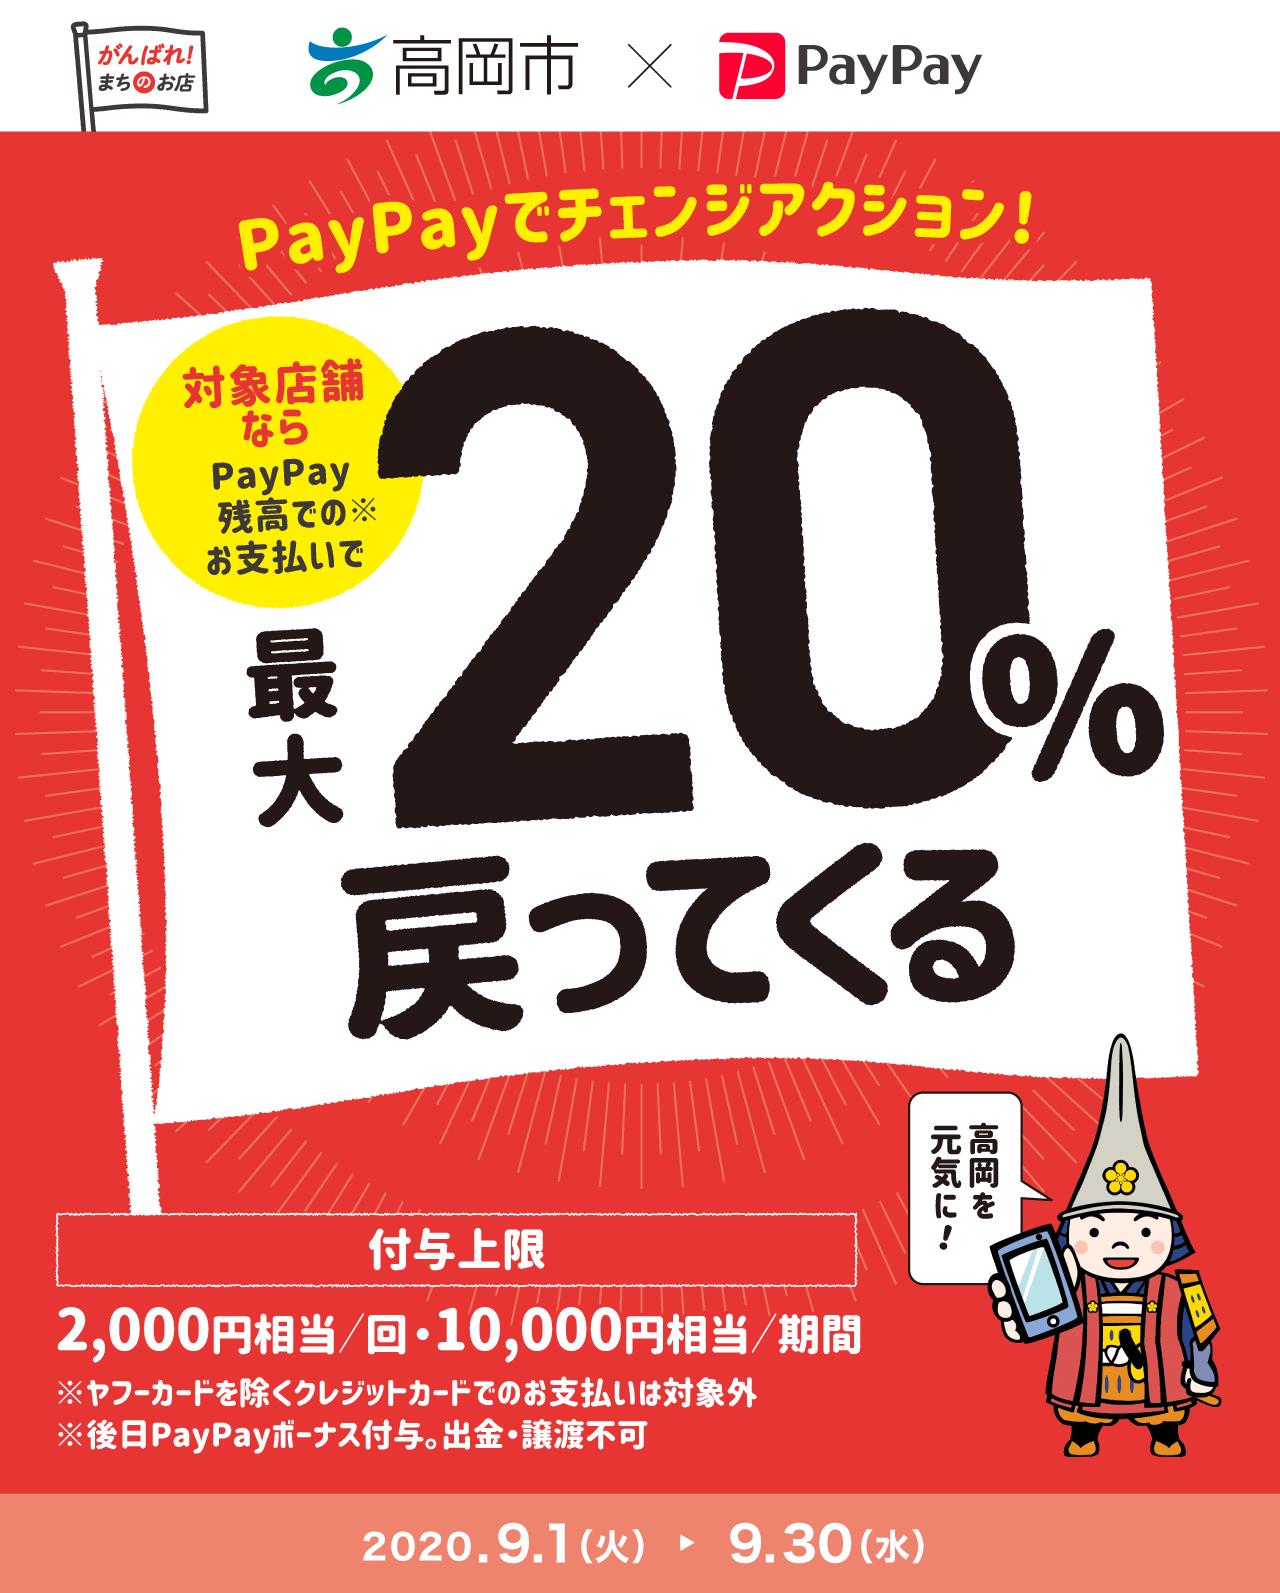 PayPayで高岡市を応援しよう! 対象店舗ならPayPay残高でのお支払いで最大20%戻ってくる